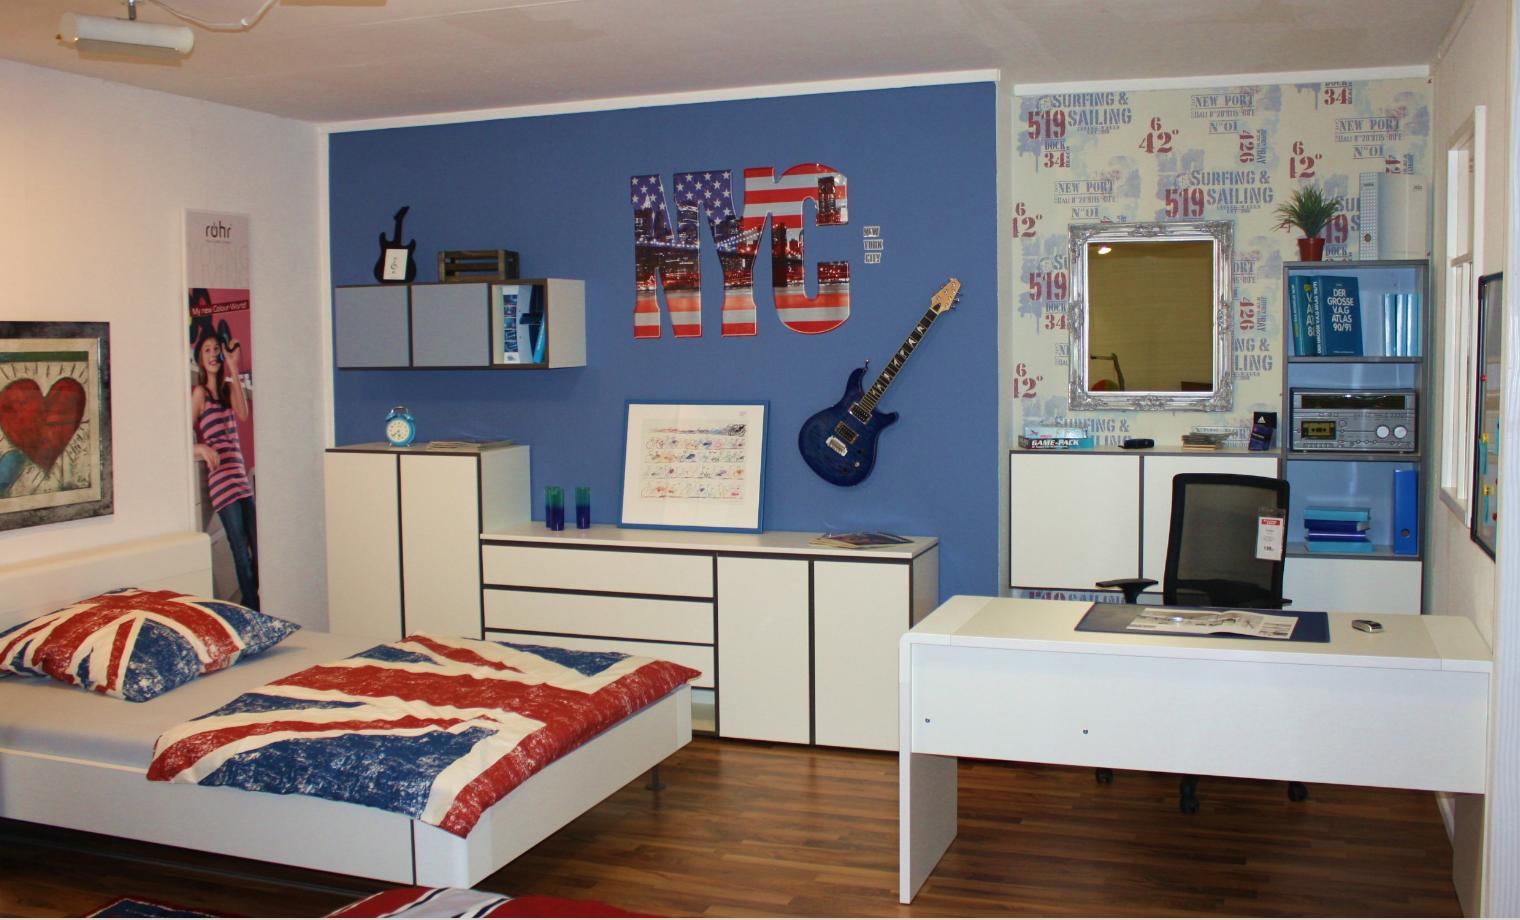 einrichtung stauf matratzen in neumarkt stauf unterfeldstra e 2. Black Bedroom Furniture Sets. Home Design Ideas